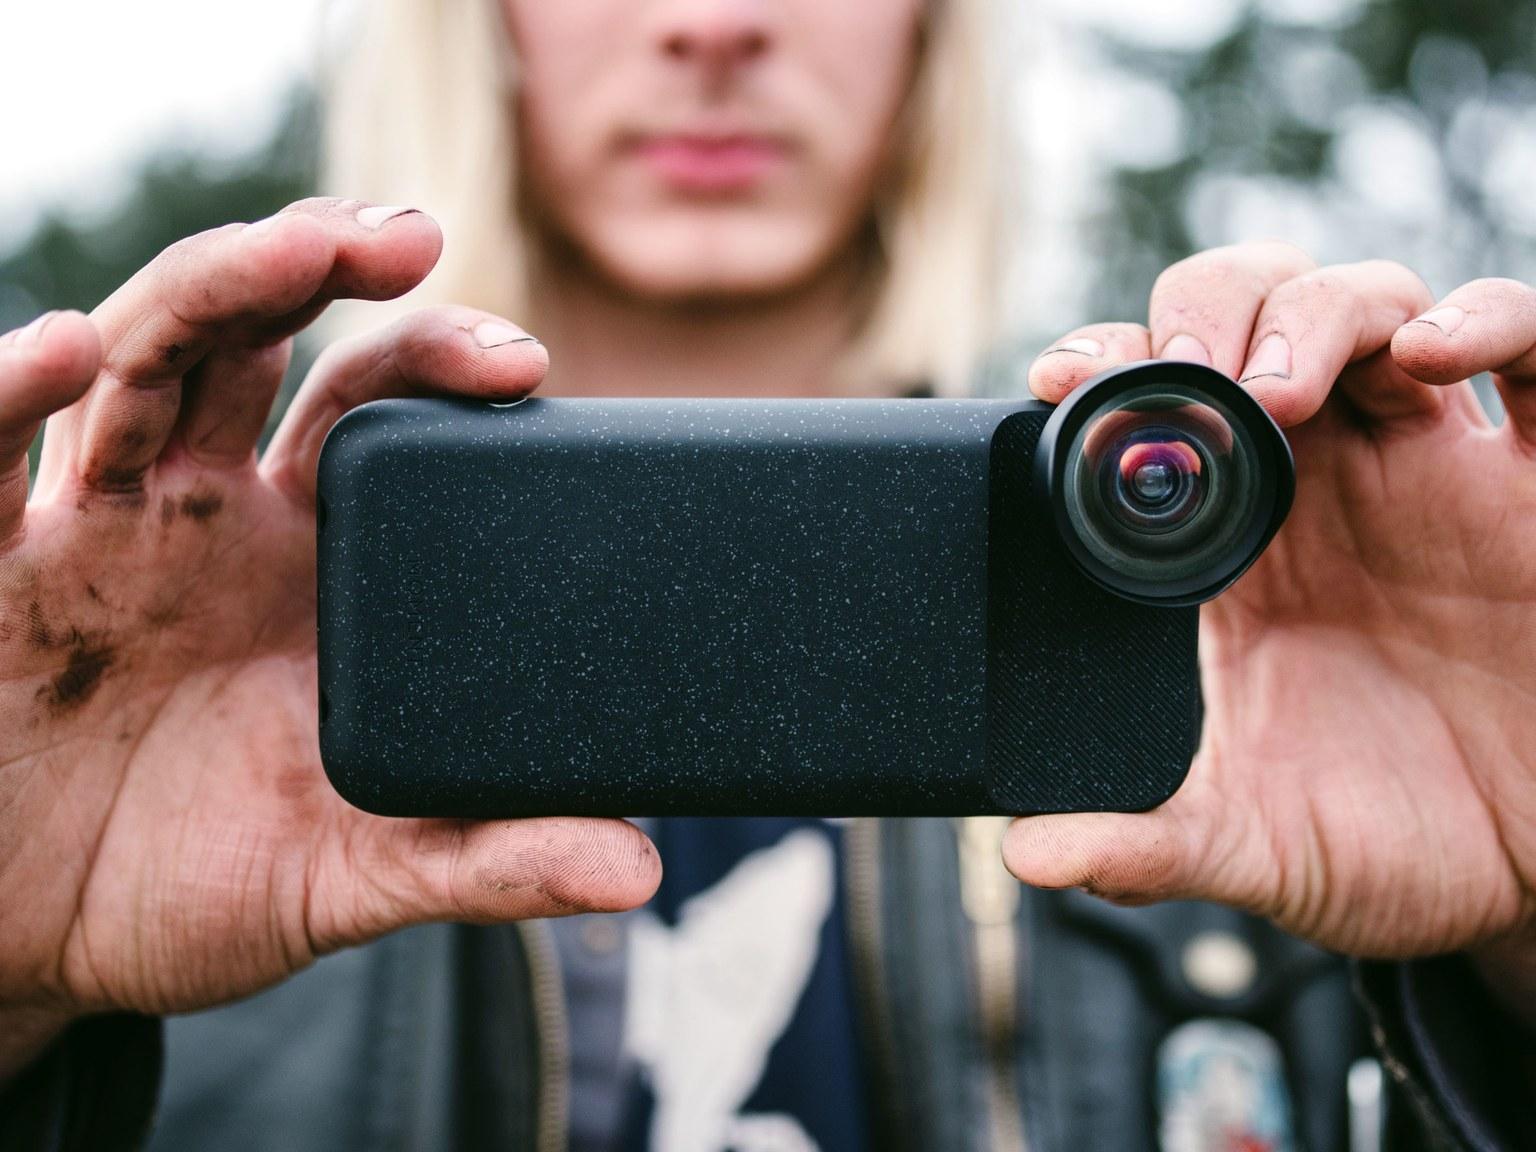 Nova Battery Photo Case, da Moment